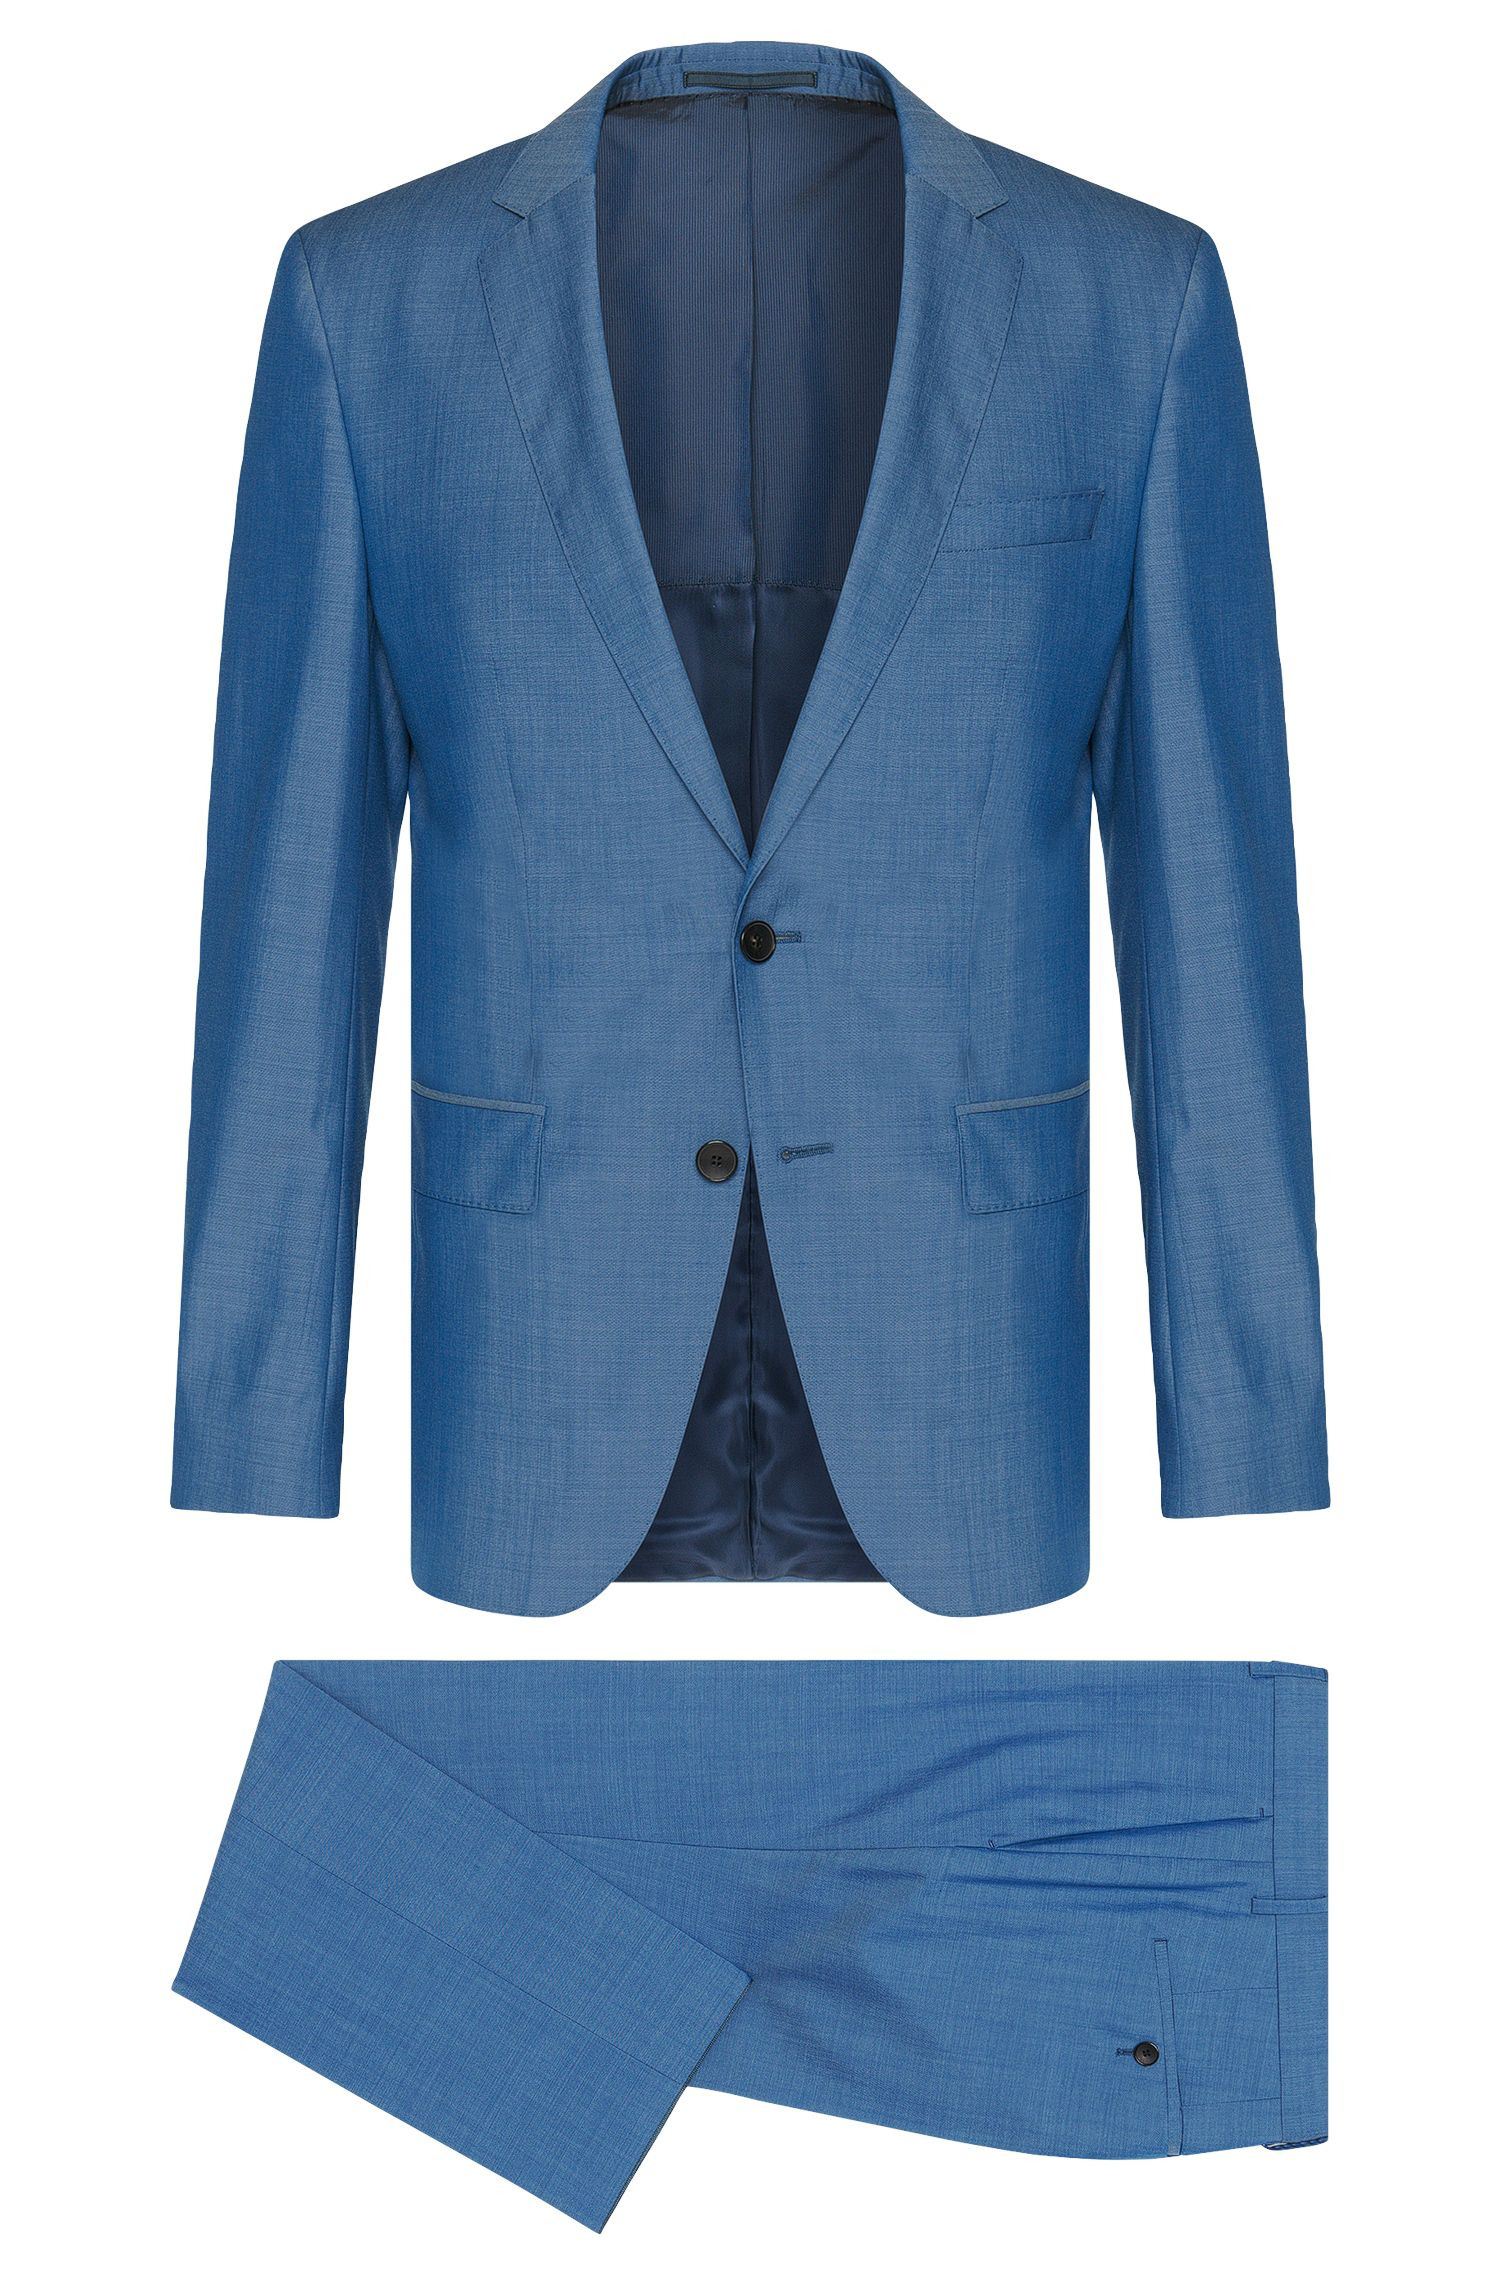 'Huge/Genius' | Slim Fit, Super 130 Italian Virgin Wool Suit